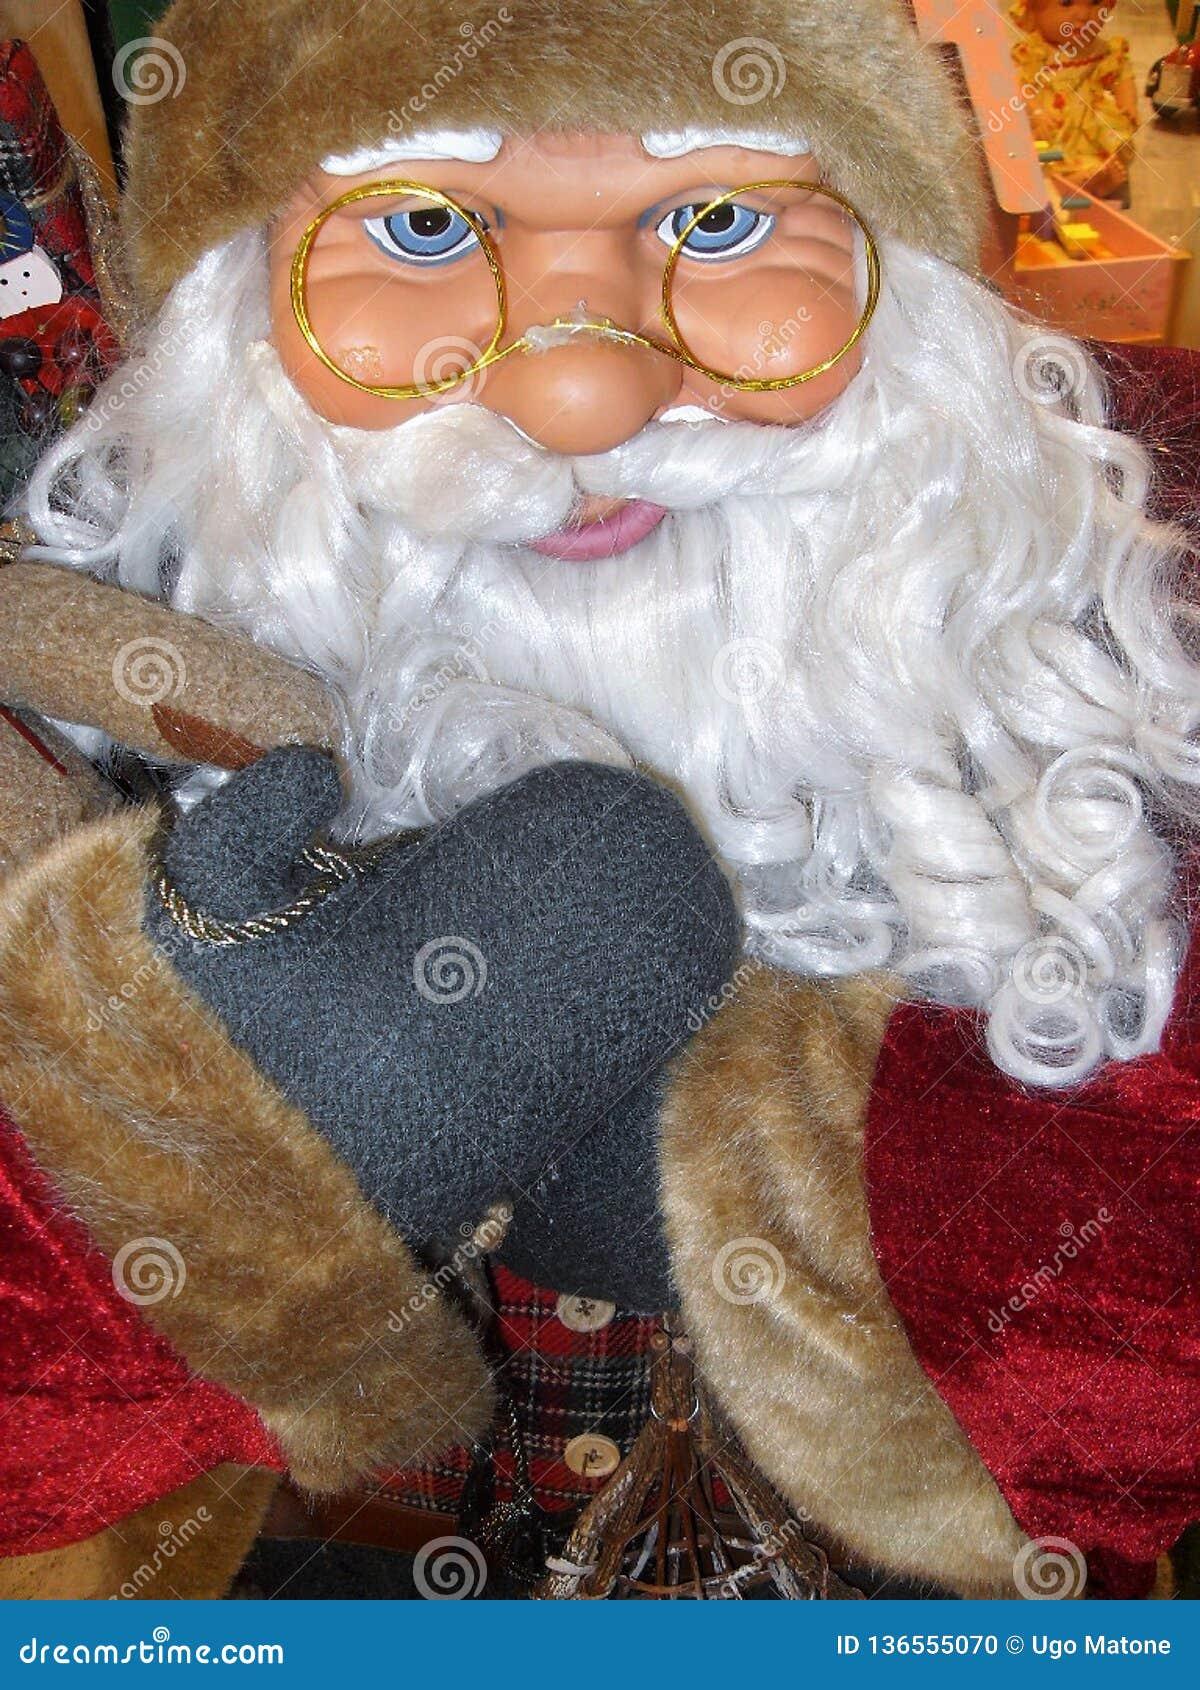 Santa Claus-Puppe in der natürlichen Größe